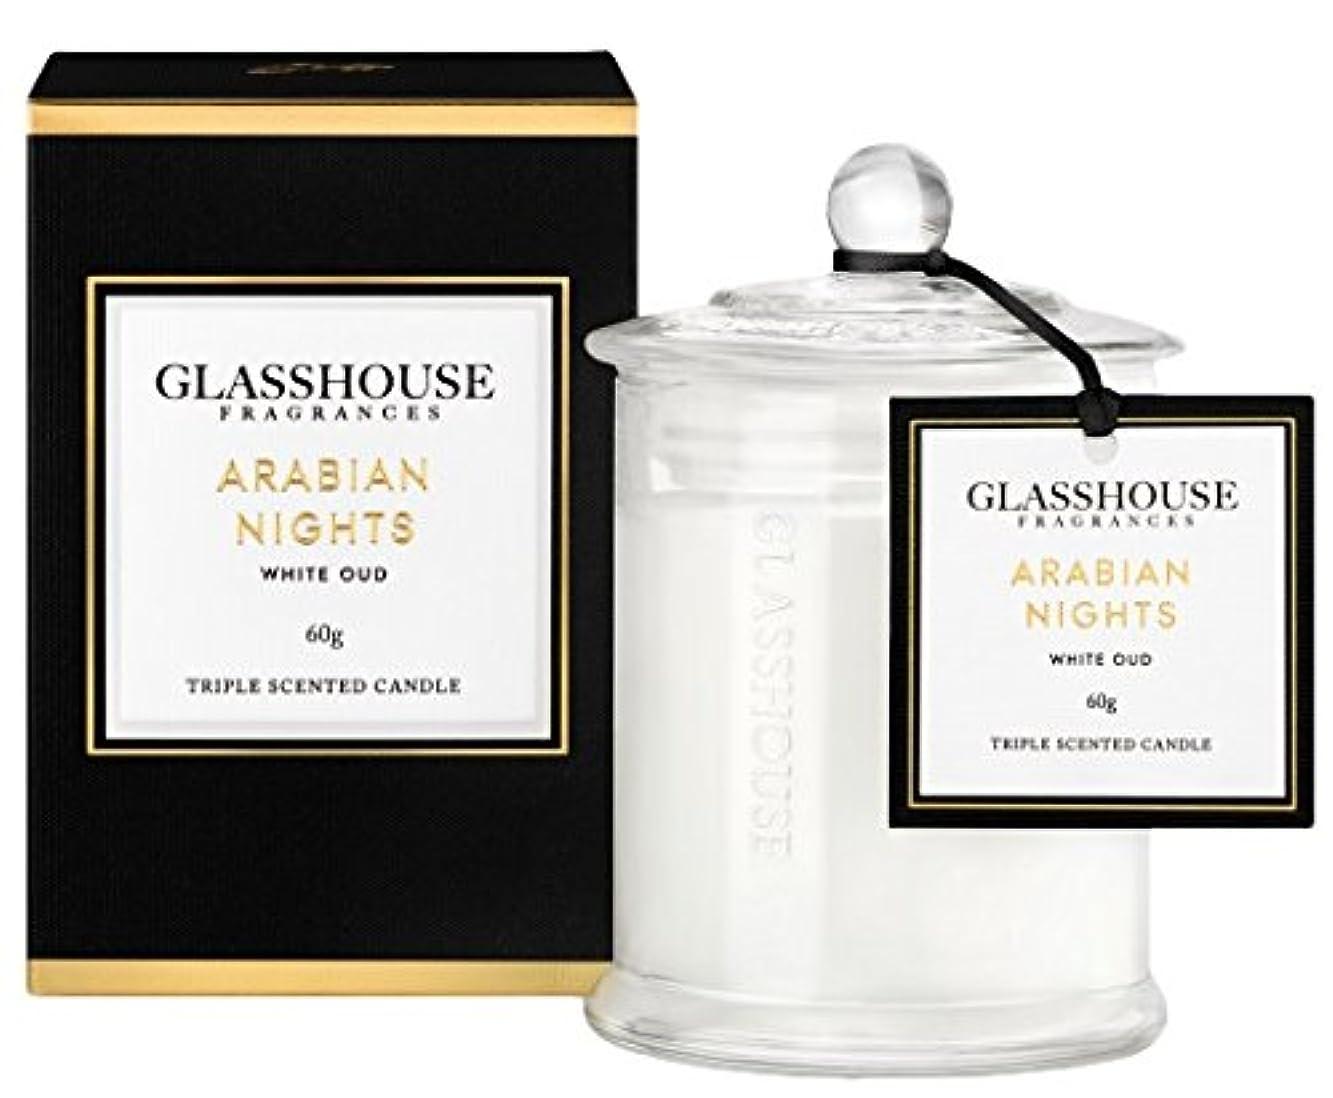 食料品店コークス悲しいグラスハウス GLASSHOUSE ミニアロマキャンドル #ARABIAN NIGHT 60g [並行輸入品]